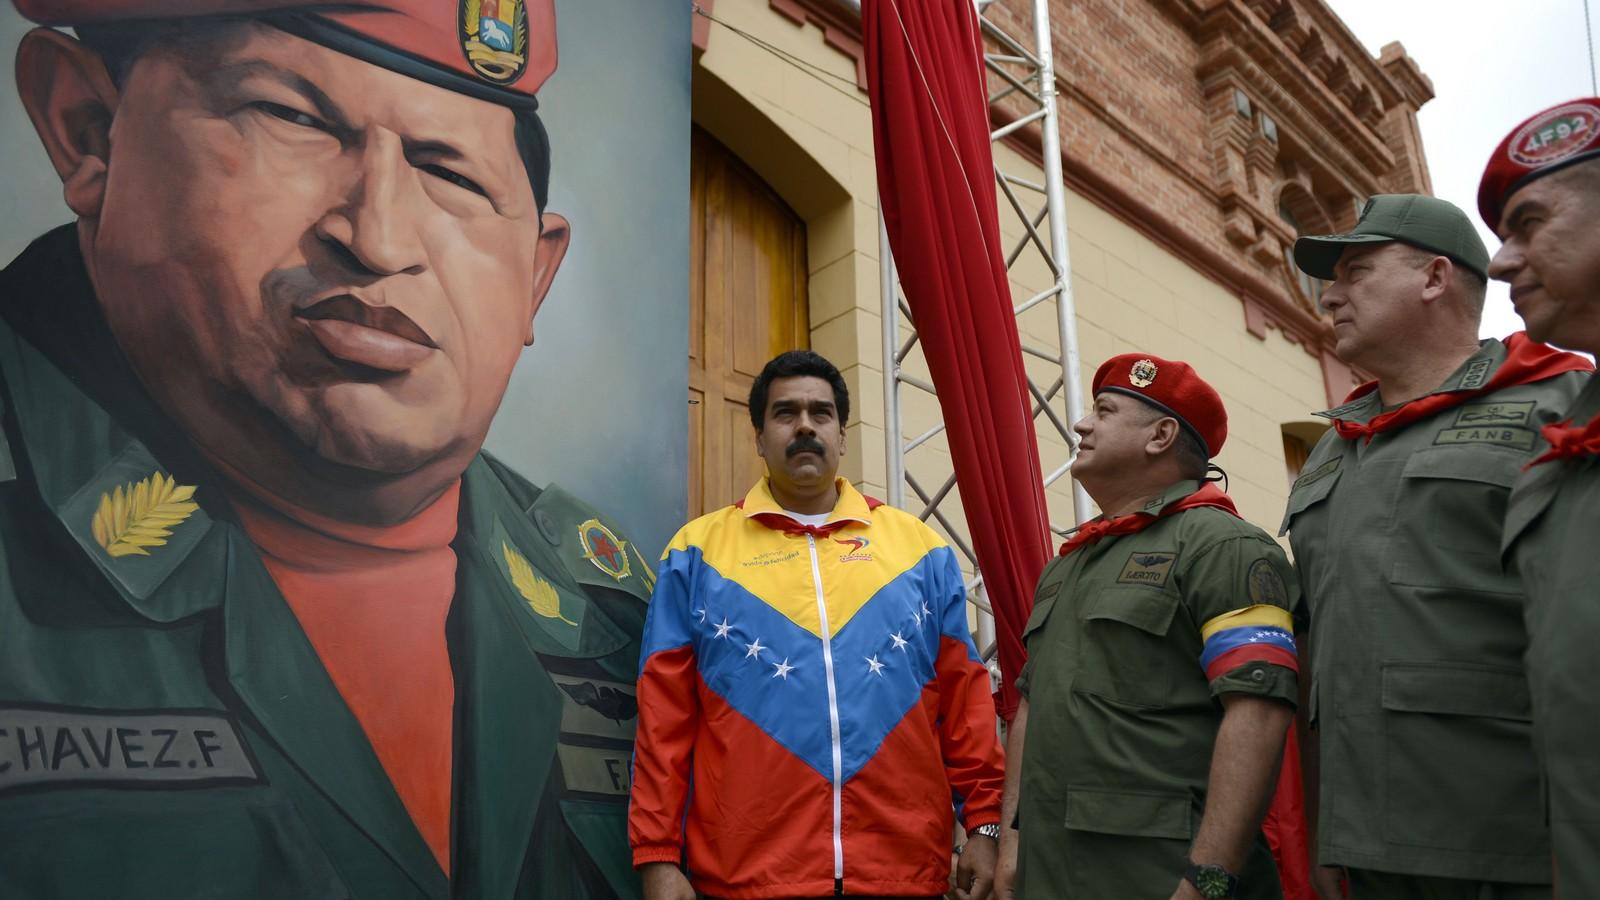 Emperyalizm Venezuela'yı kıskaca alıyor: ABD'den sonra AB'den de yaptırım